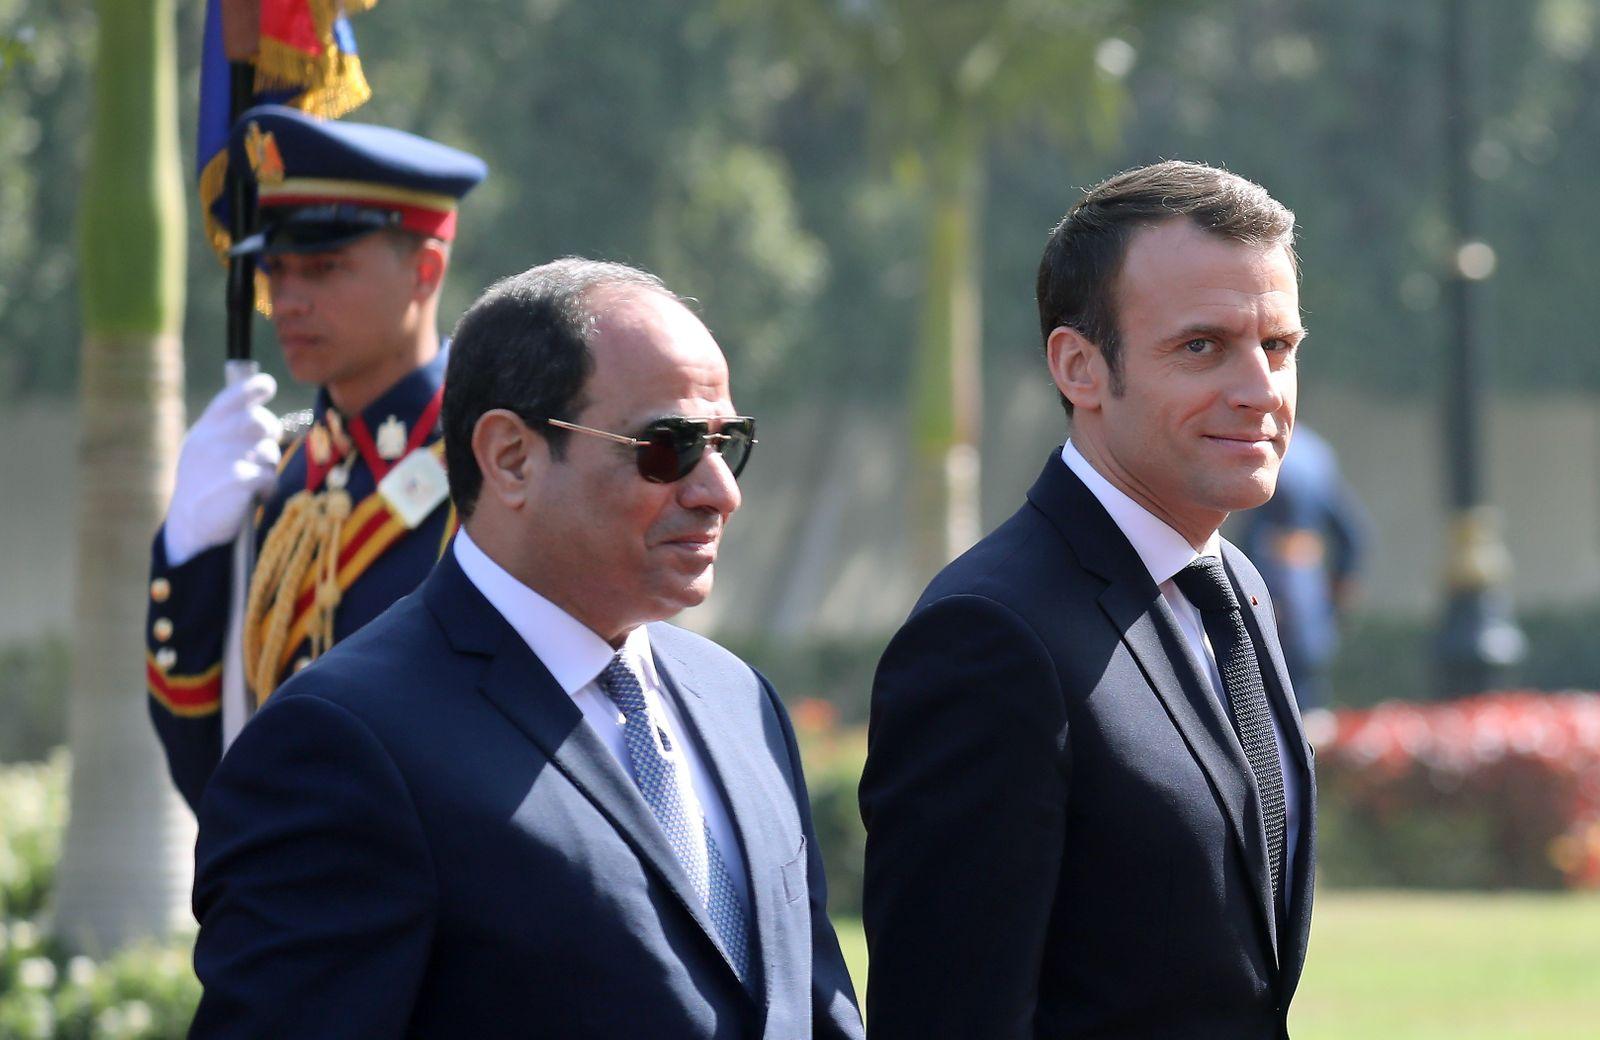 EGYPT-FRANCE-DIPLOMACY